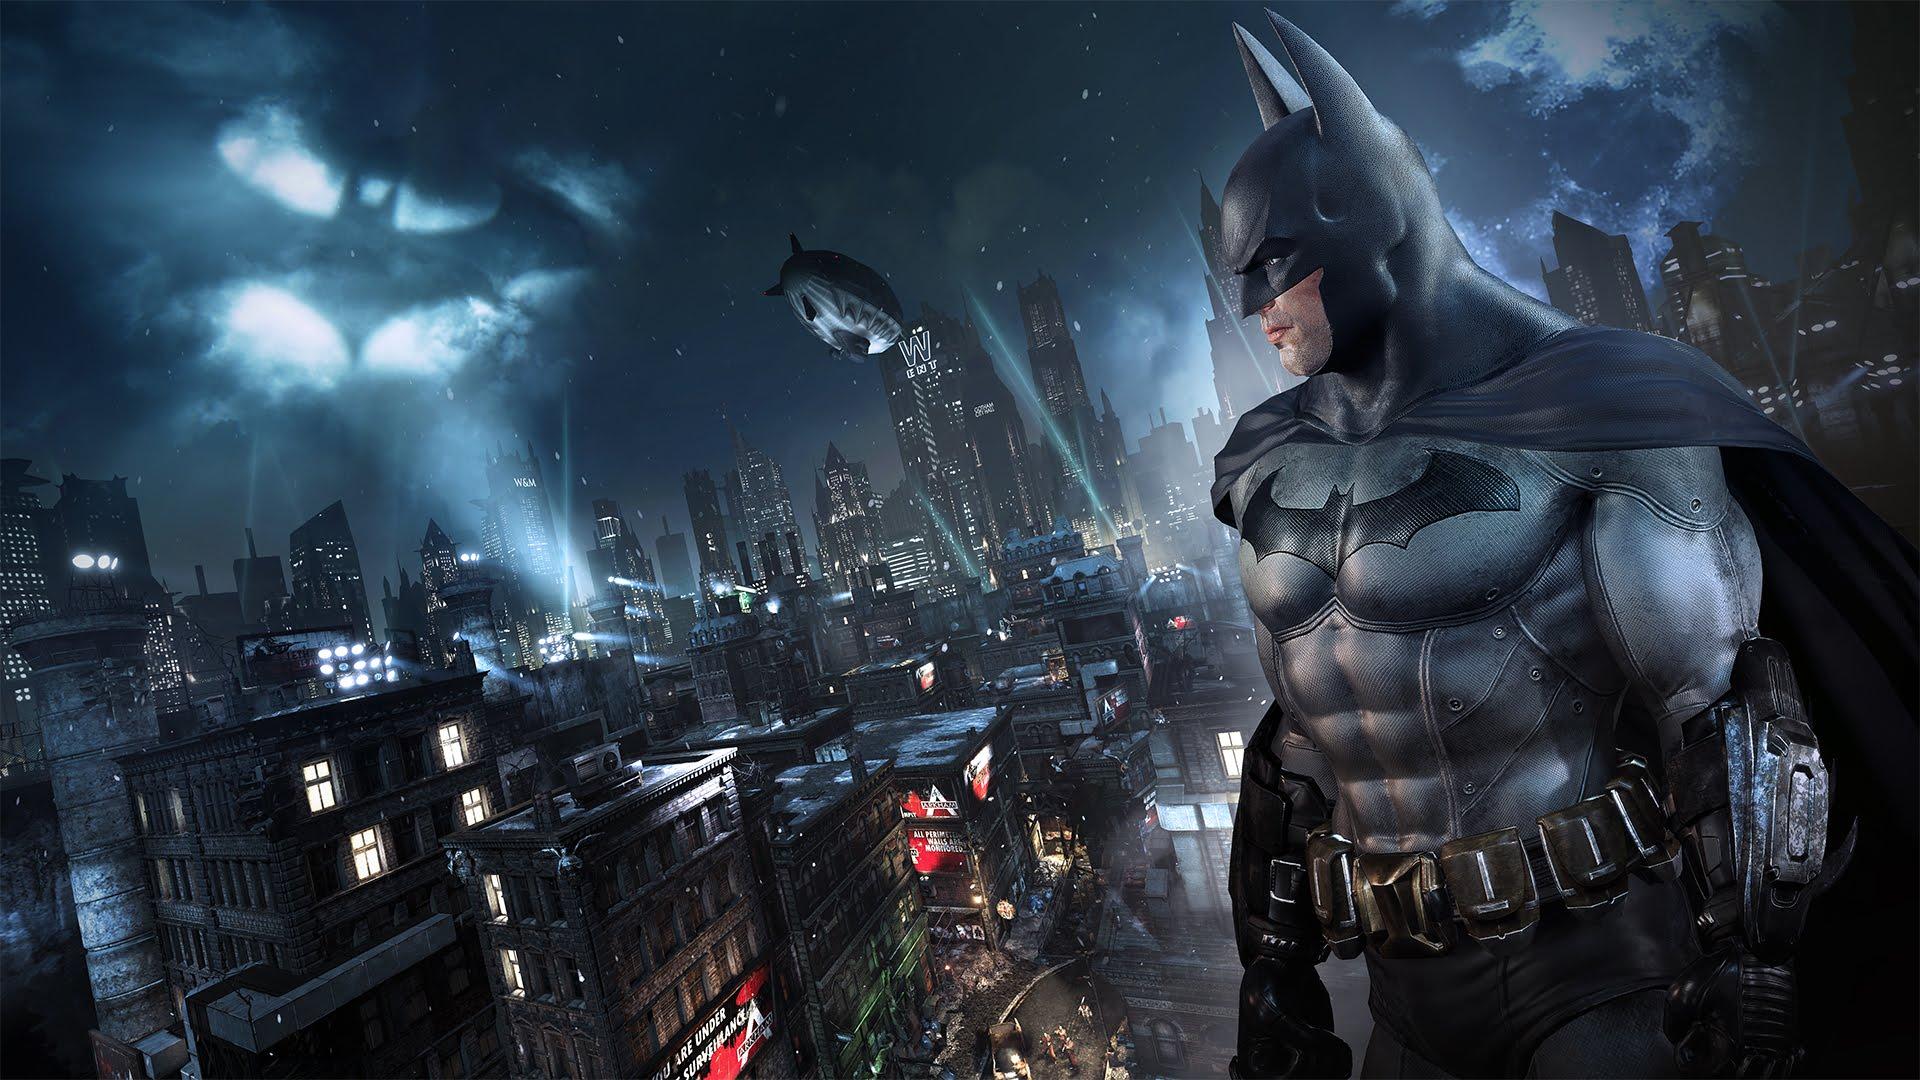 蝙蝠侠:返回阿卡姆